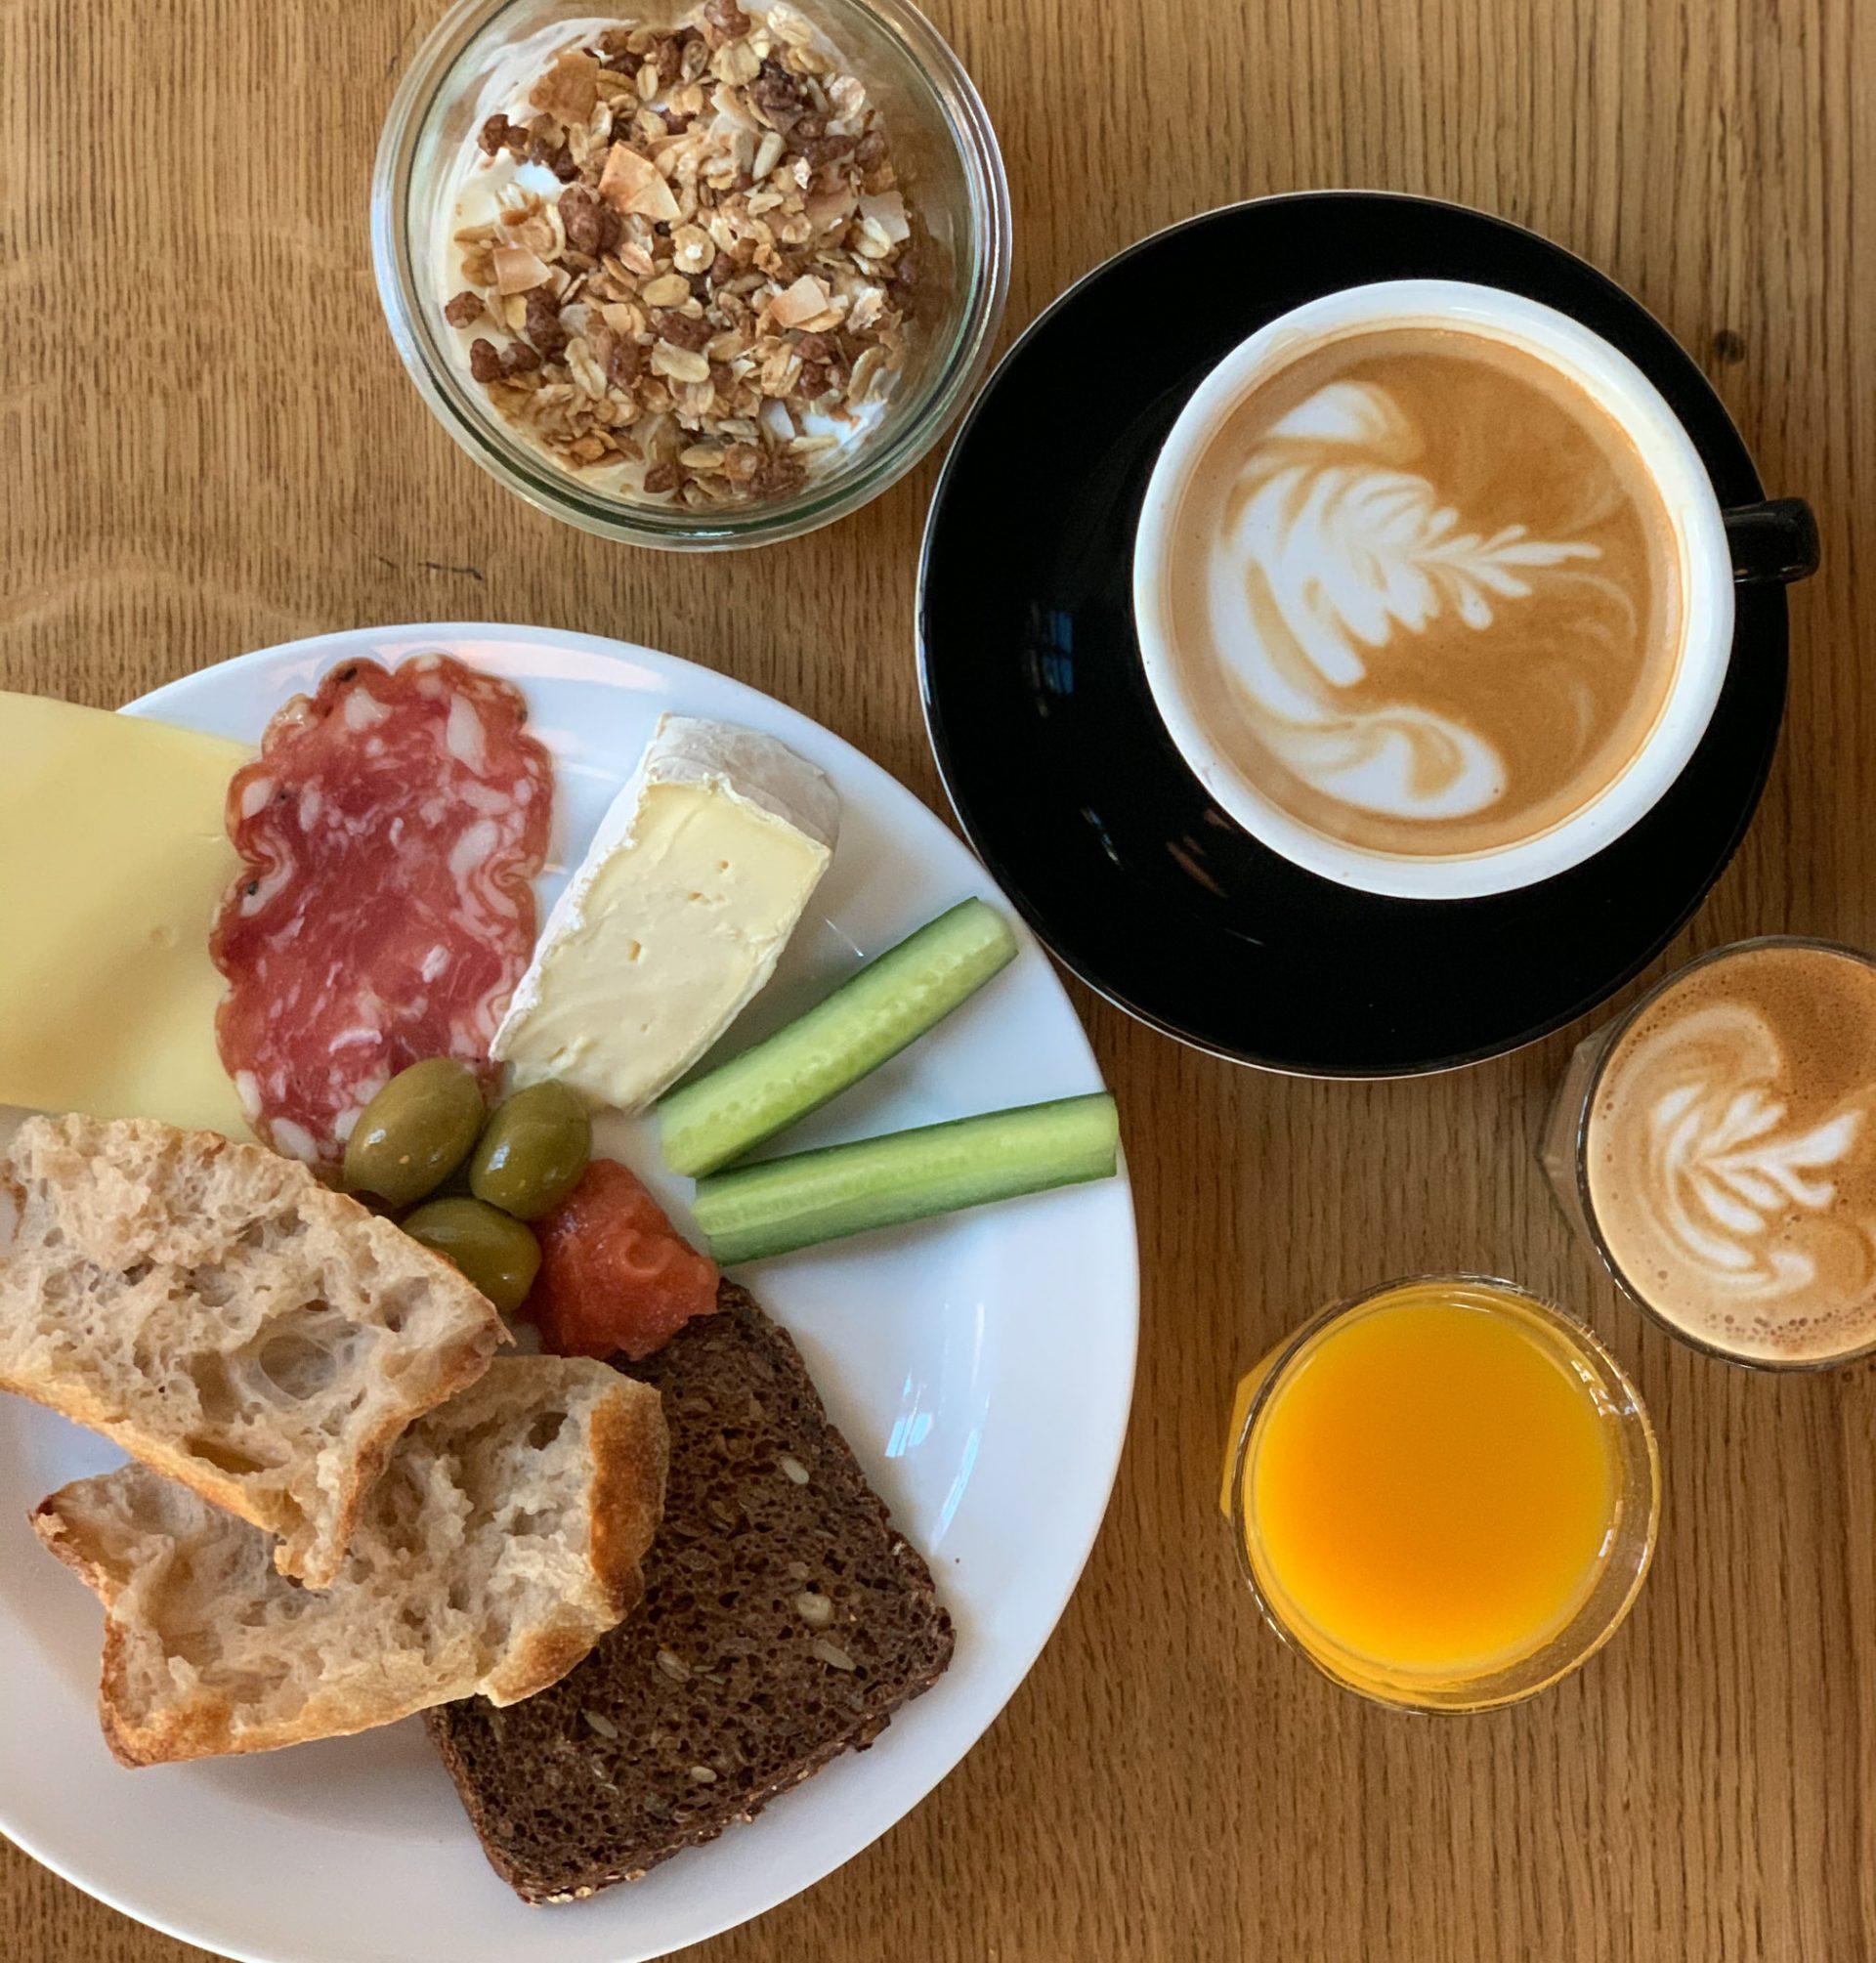 Spiselauget: Hjemmelavet morgenmad til 20 kroner